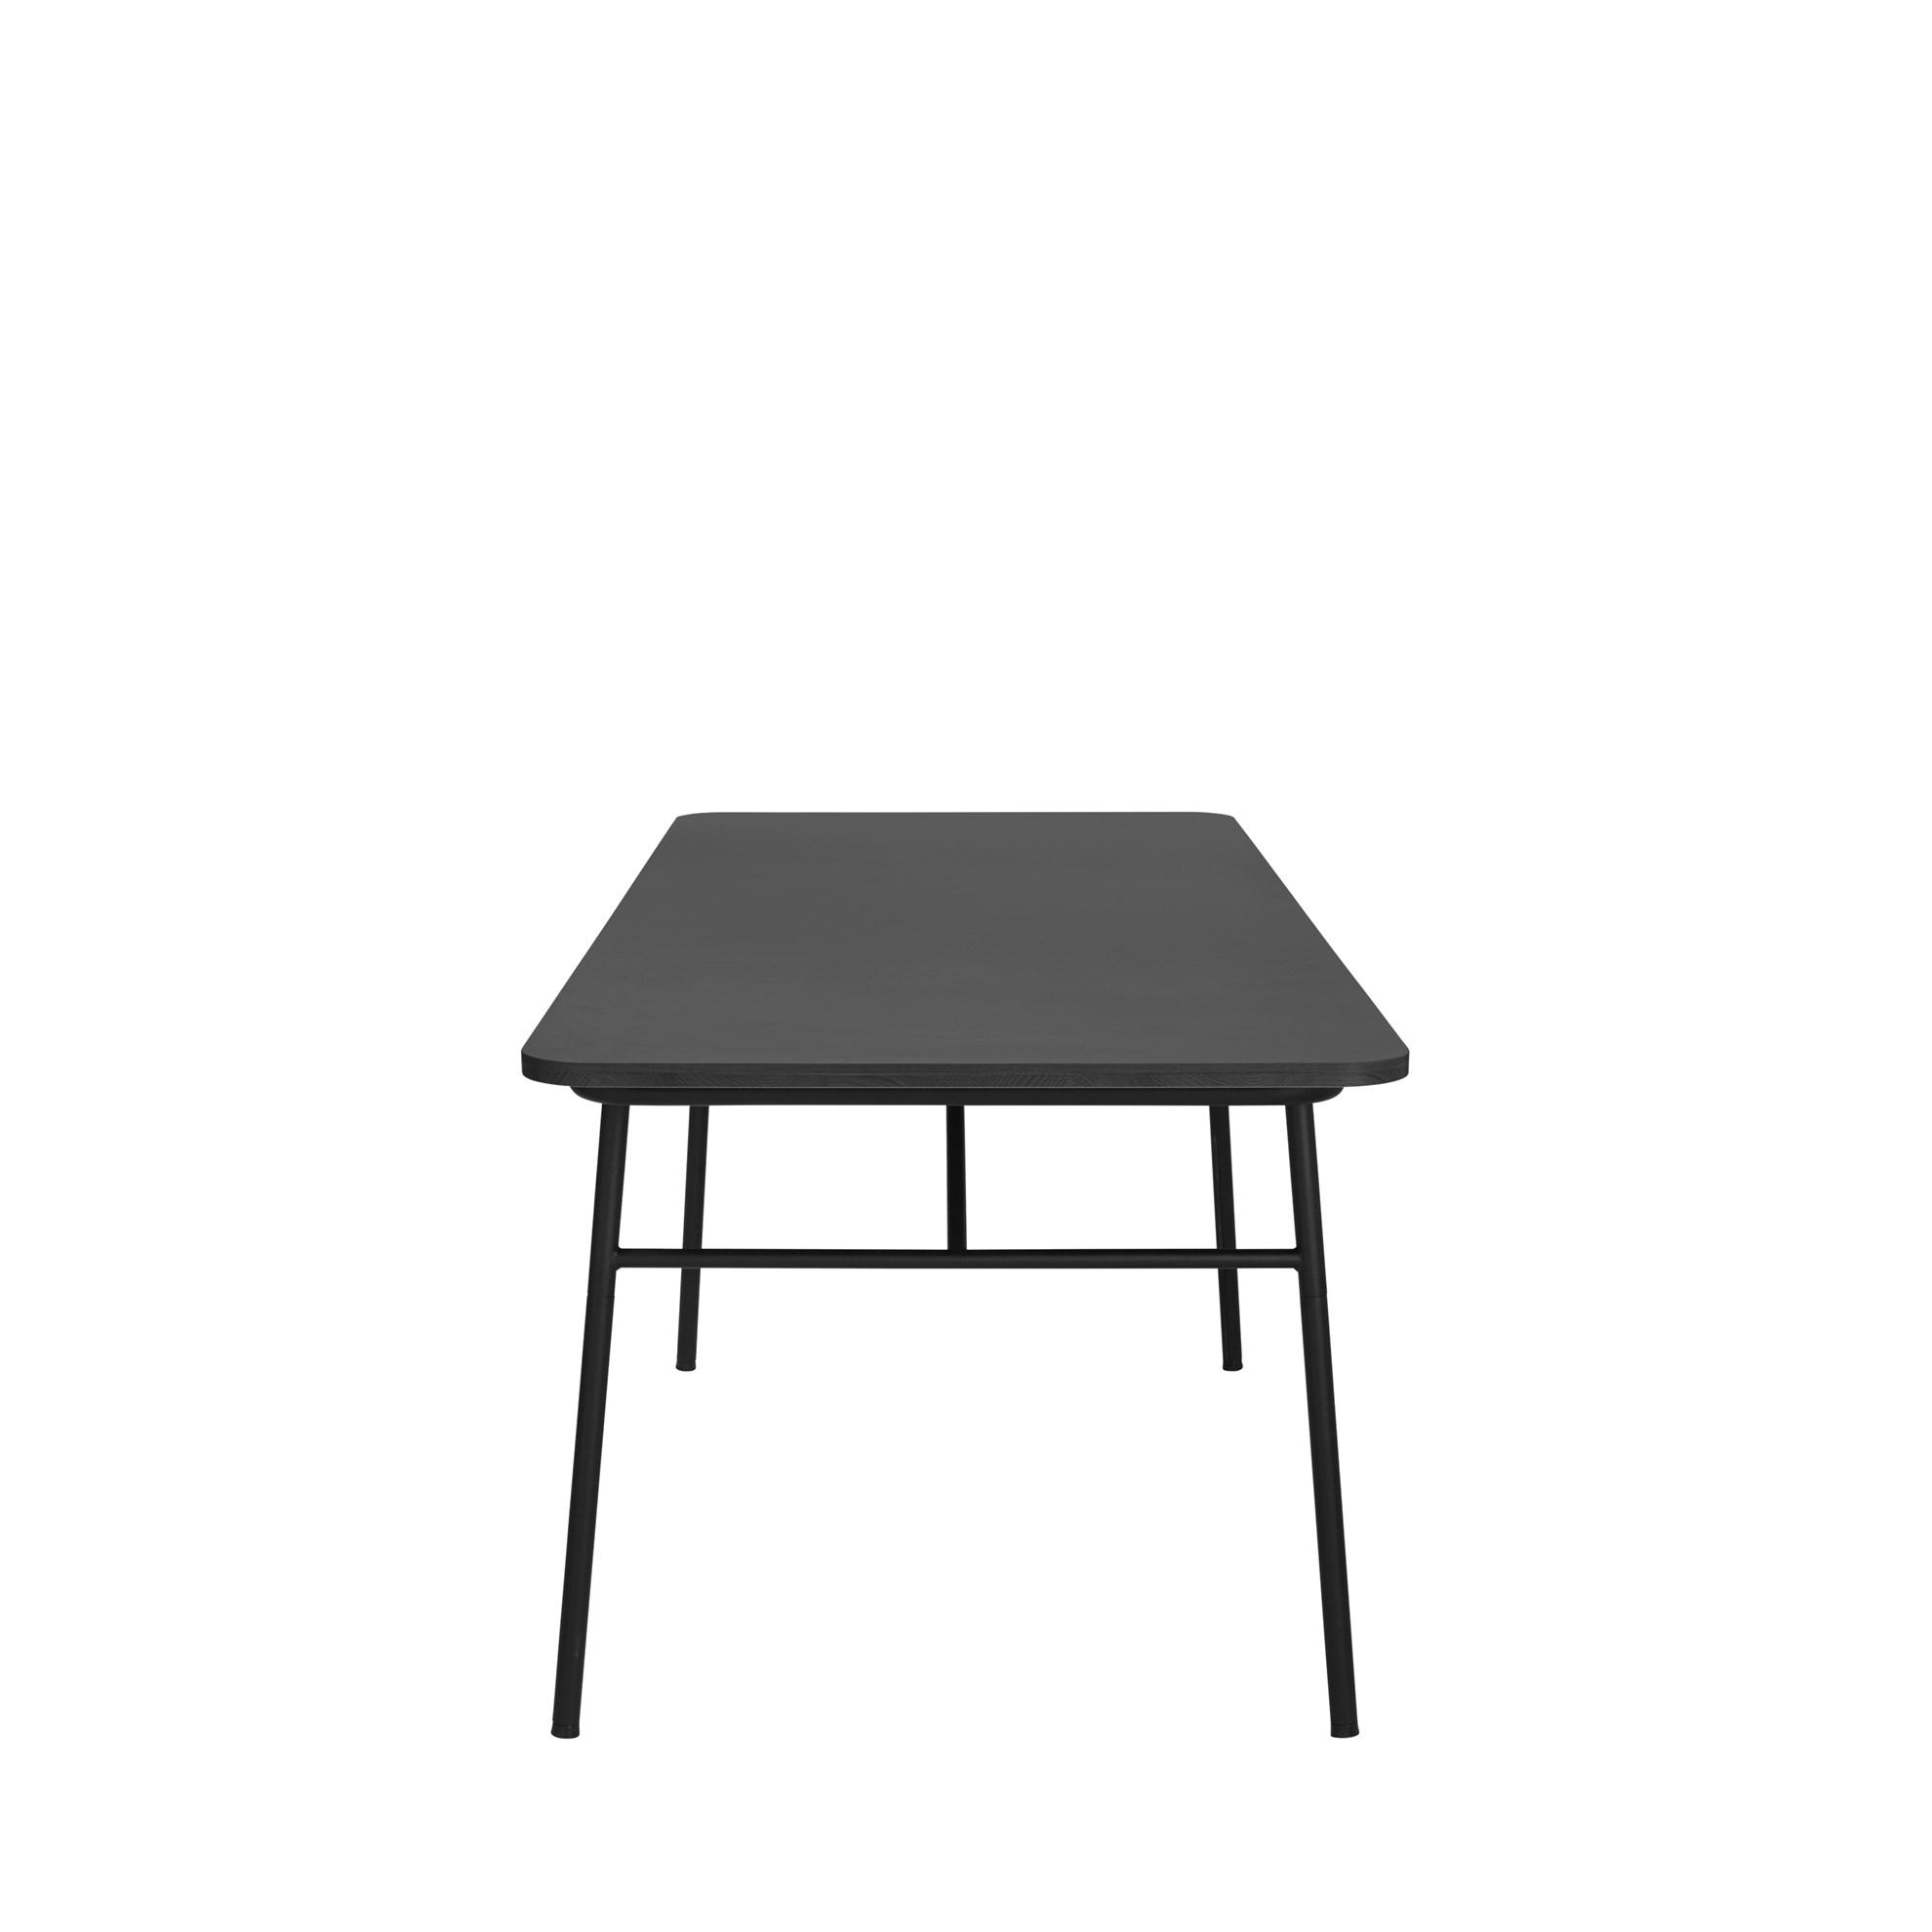 Deska pro jídelní stůl MOON LAMINATE (pouze deska)_1